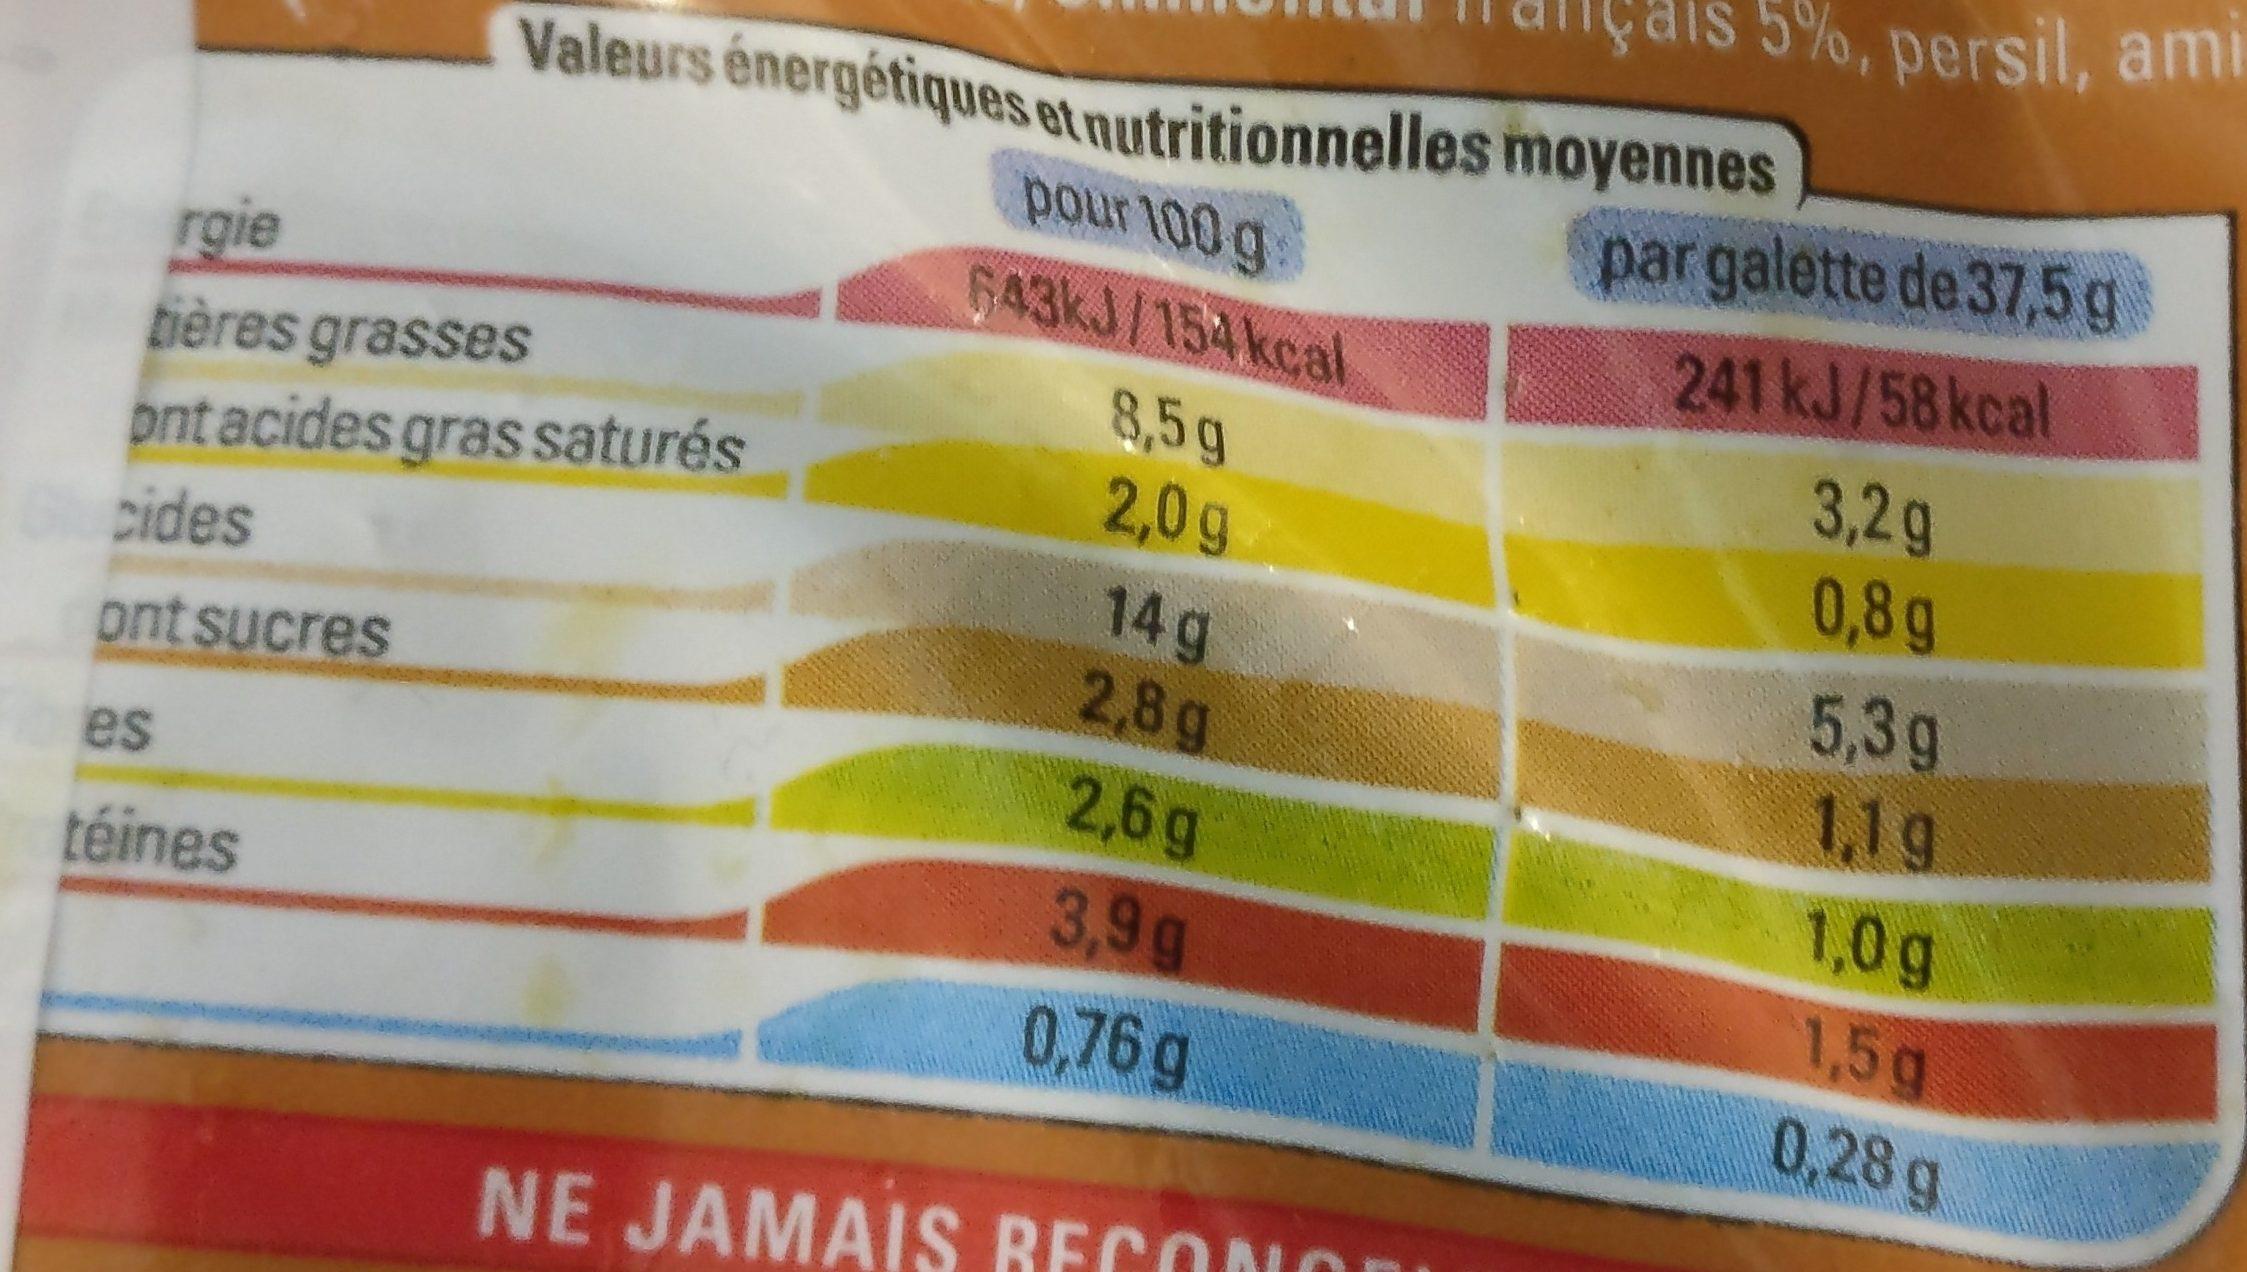 Gallette de légume - Informations nutritionnelles